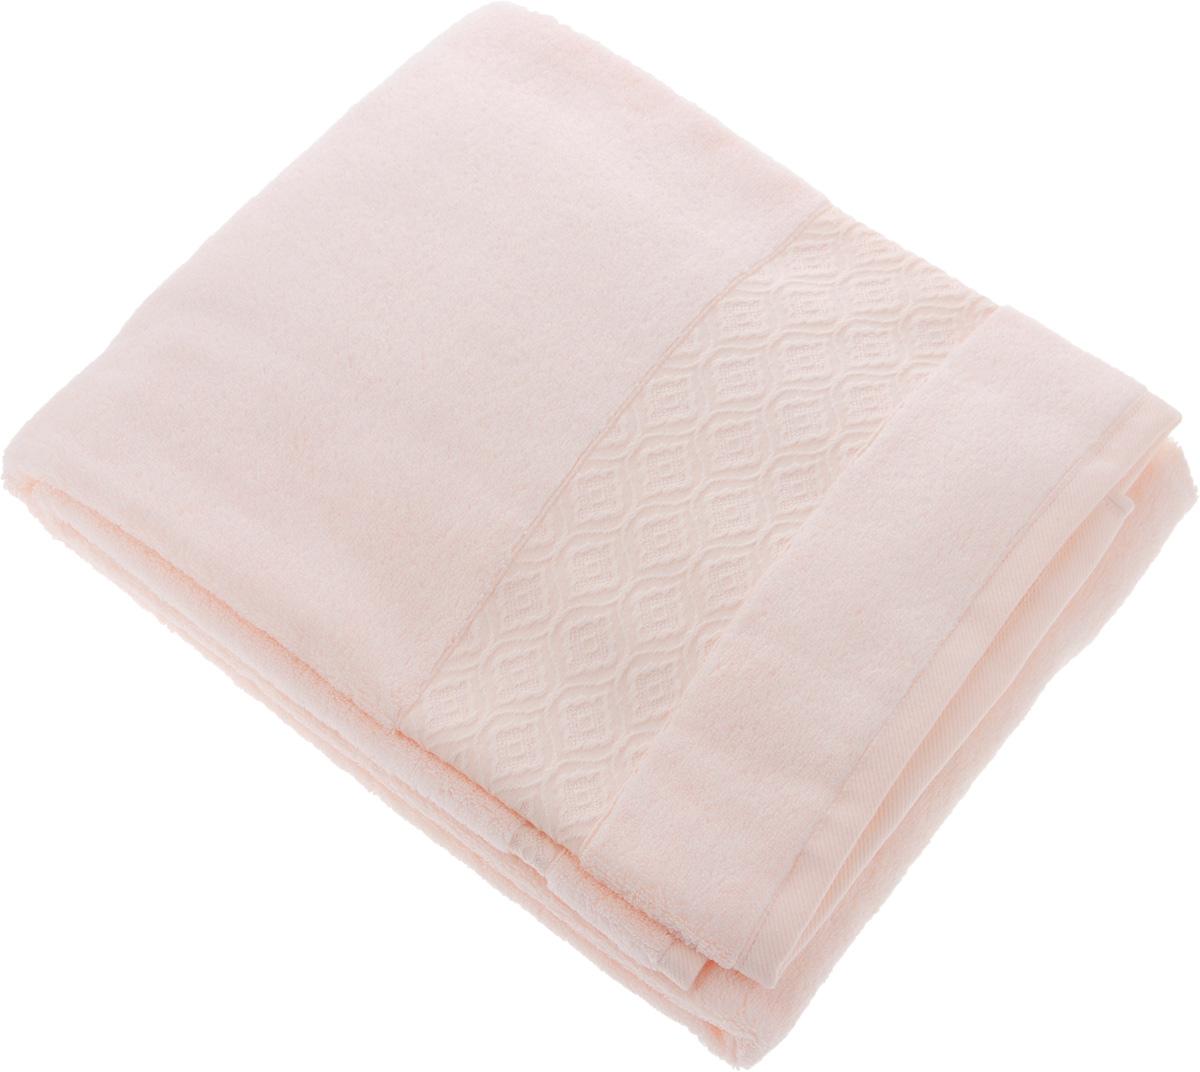 Полотенце Issimo Home Delphine, цвет: розовый, 90 x 150 см531-105Полотенце Issimo Home Delphine выполнено из модала и хлопка. Такое полотенце обладает уникальными свойствами и характеристиками. Необычайная мягкость модала и шелковистый блеск делают изделие приятными на ощупь и практичными в использовании. Моментально впитывает влагу, сохраняет невесомость даже в мокром виде, быстро сохнет. Полотенце декорировано жаккардовым узором.